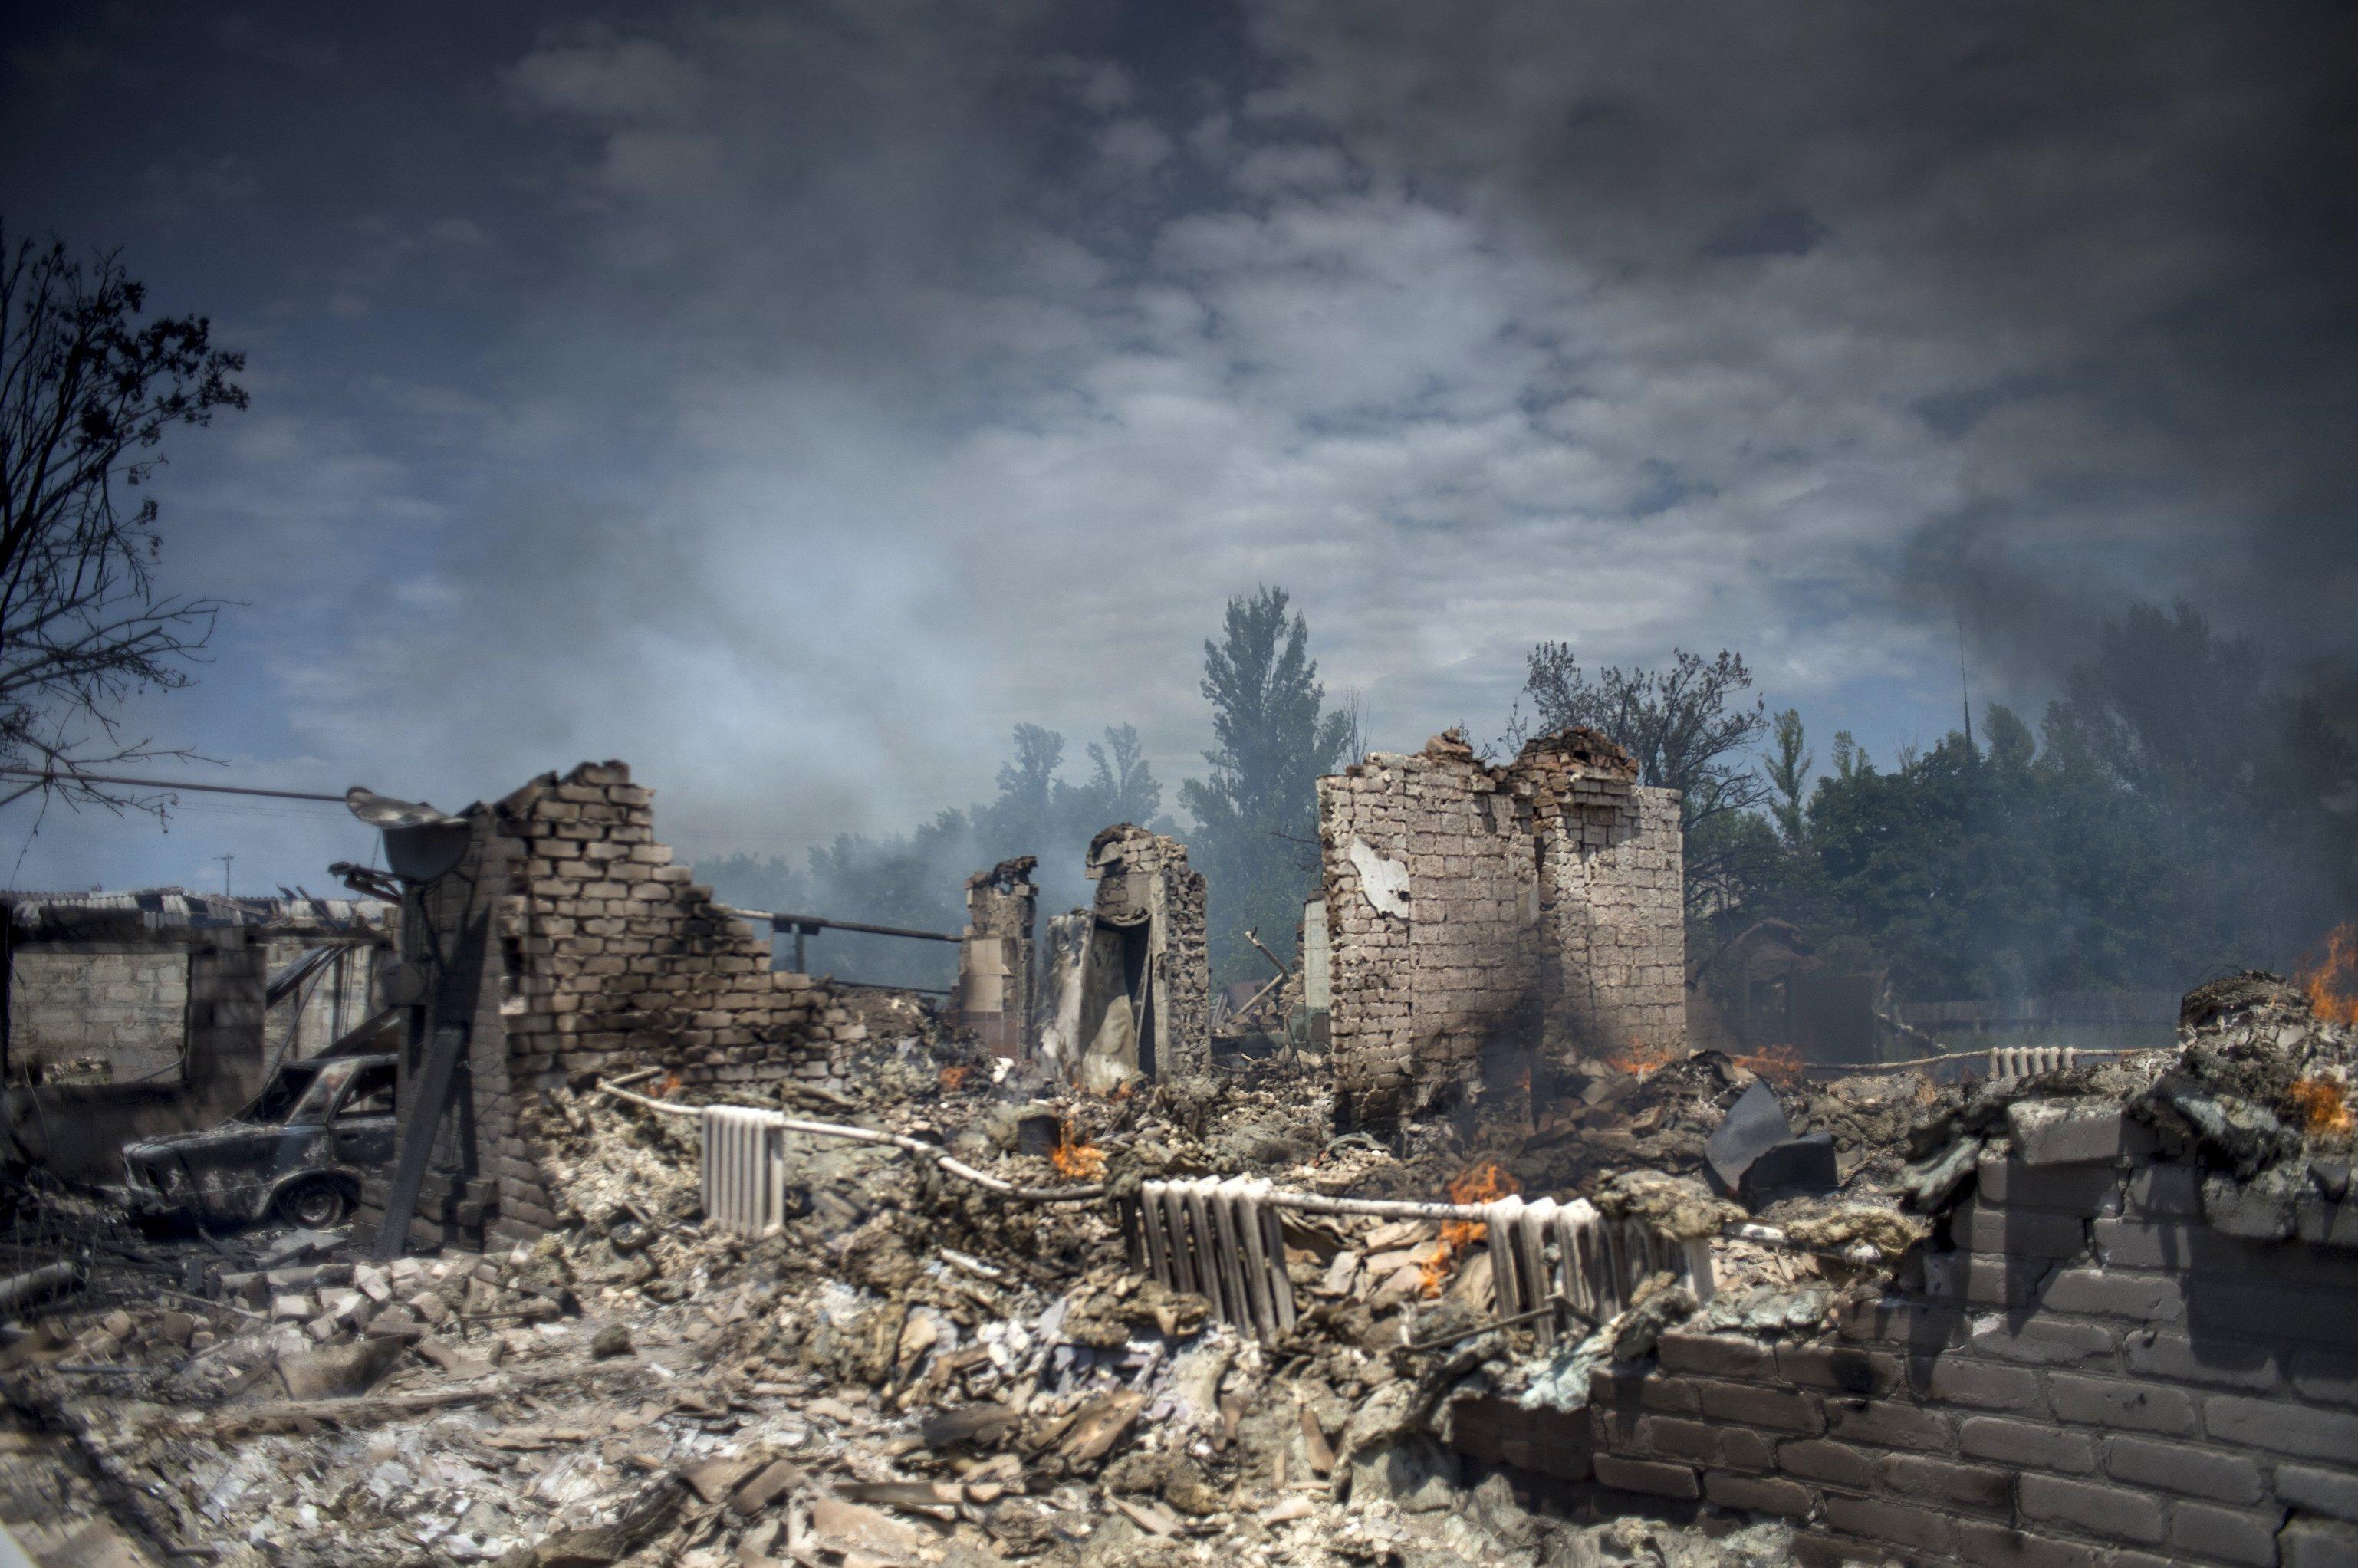 Consecuencias de los bombardeos aéreos en stanitsa Luganskaya